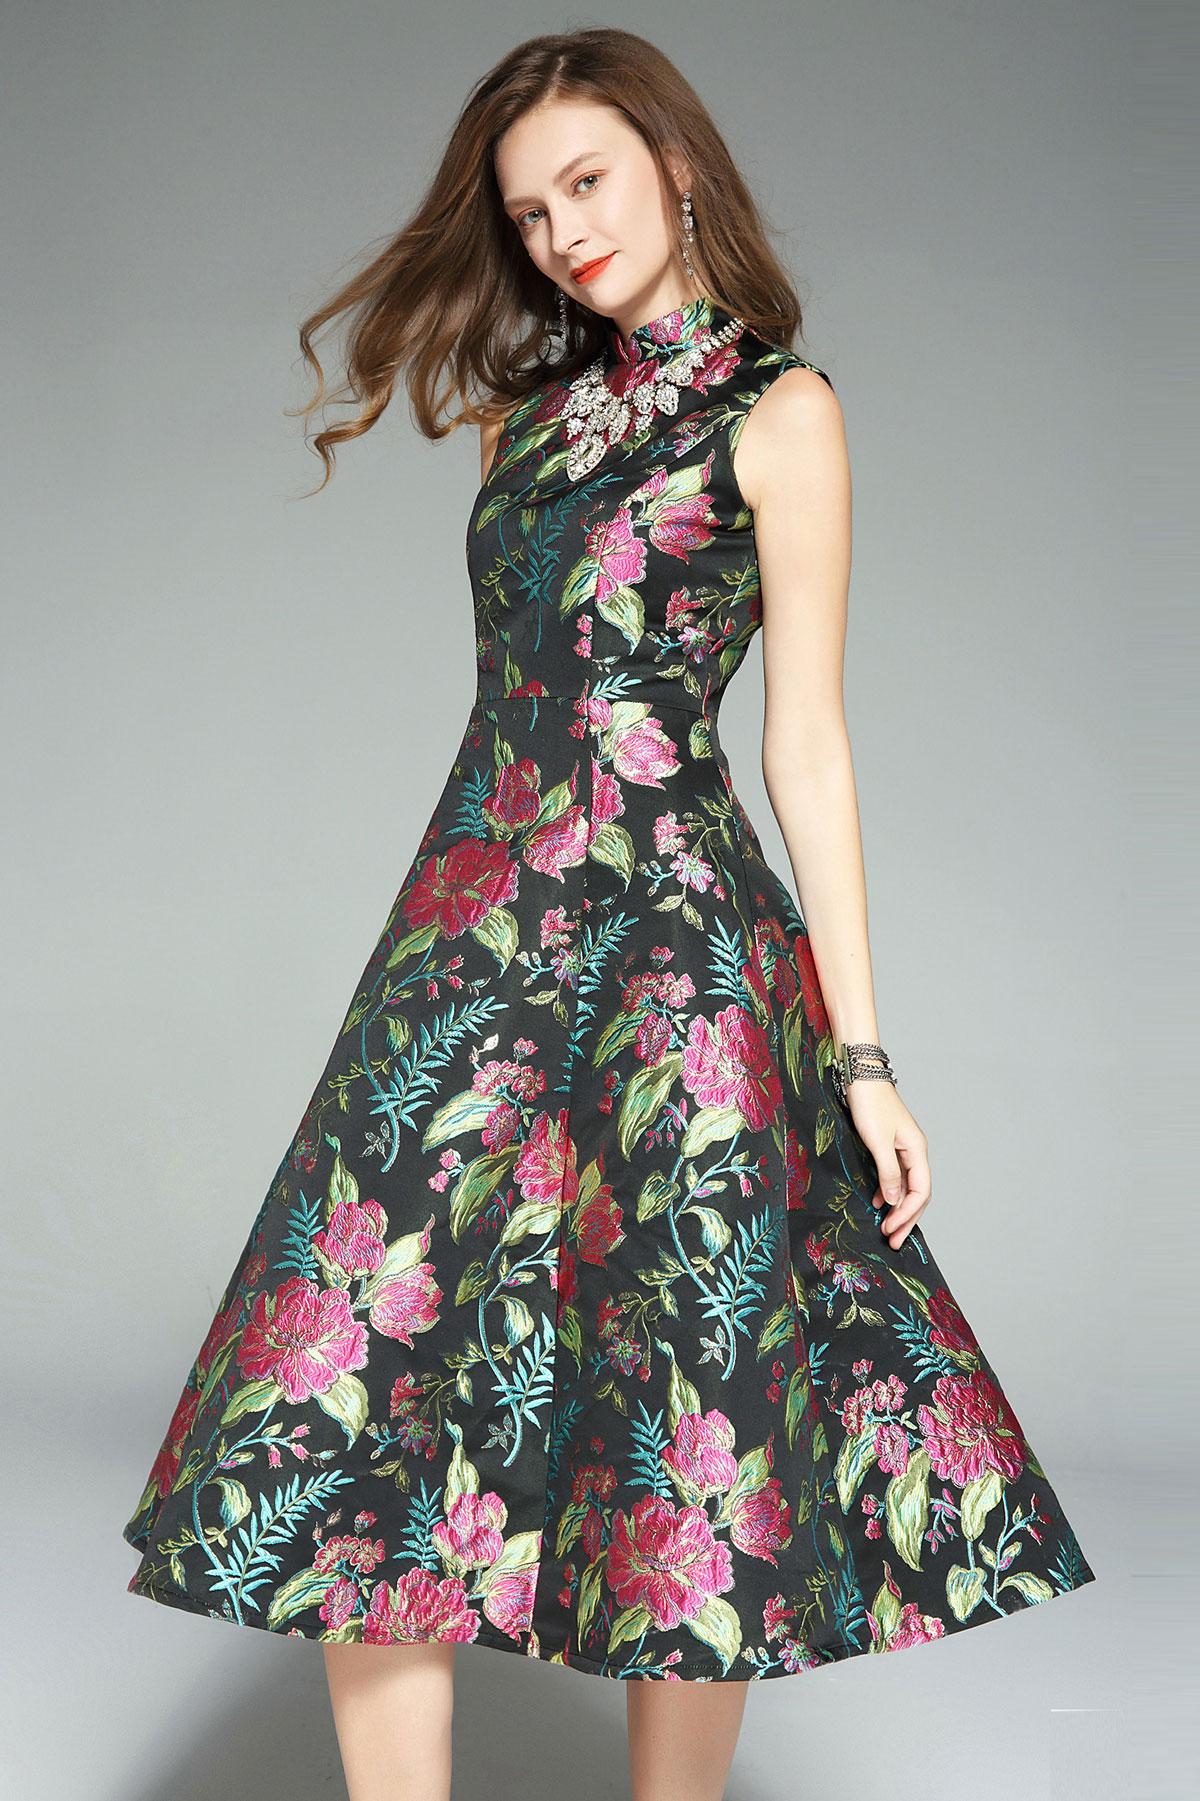 robe de cocktail noire mi-longue col montant brodée de fleurs